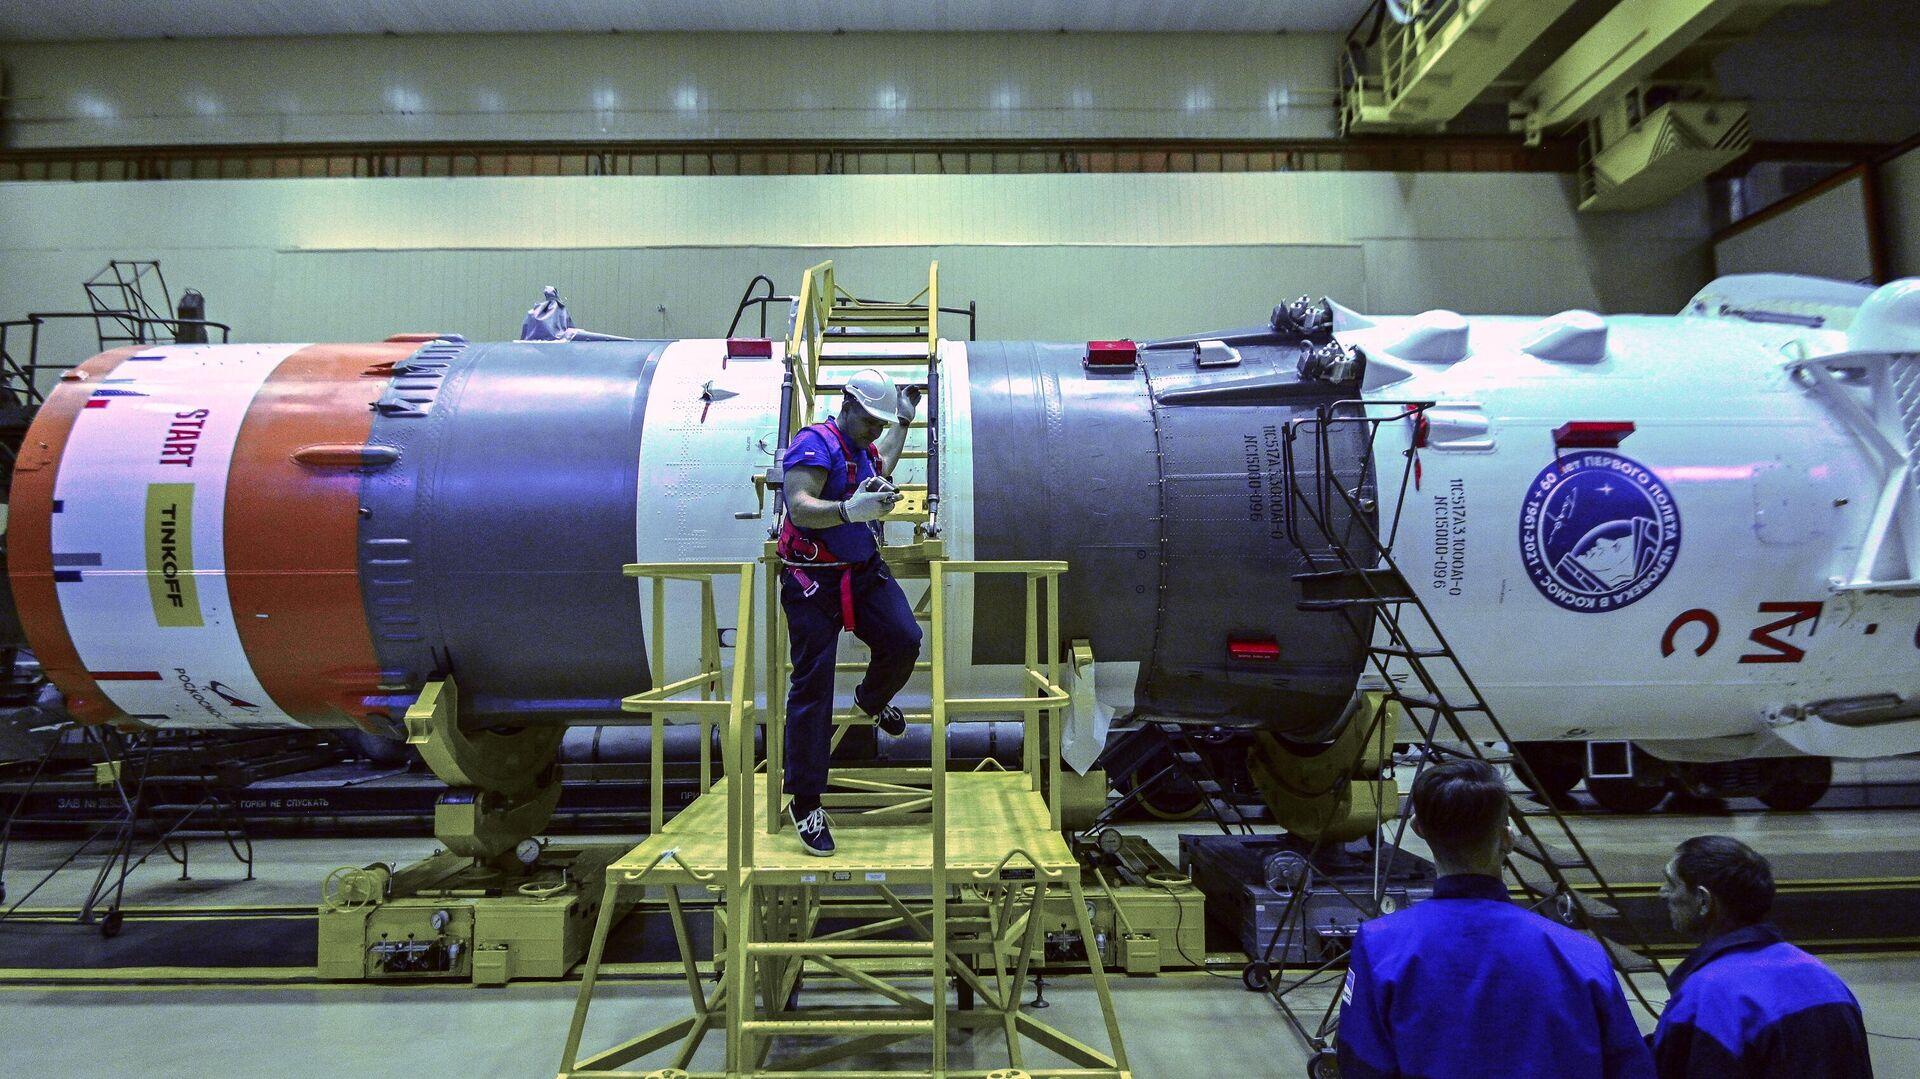 Сборка ракеты космического назначения Союз-2.1а на Байконуре - РИА Новости, 1920, 01.10.2021